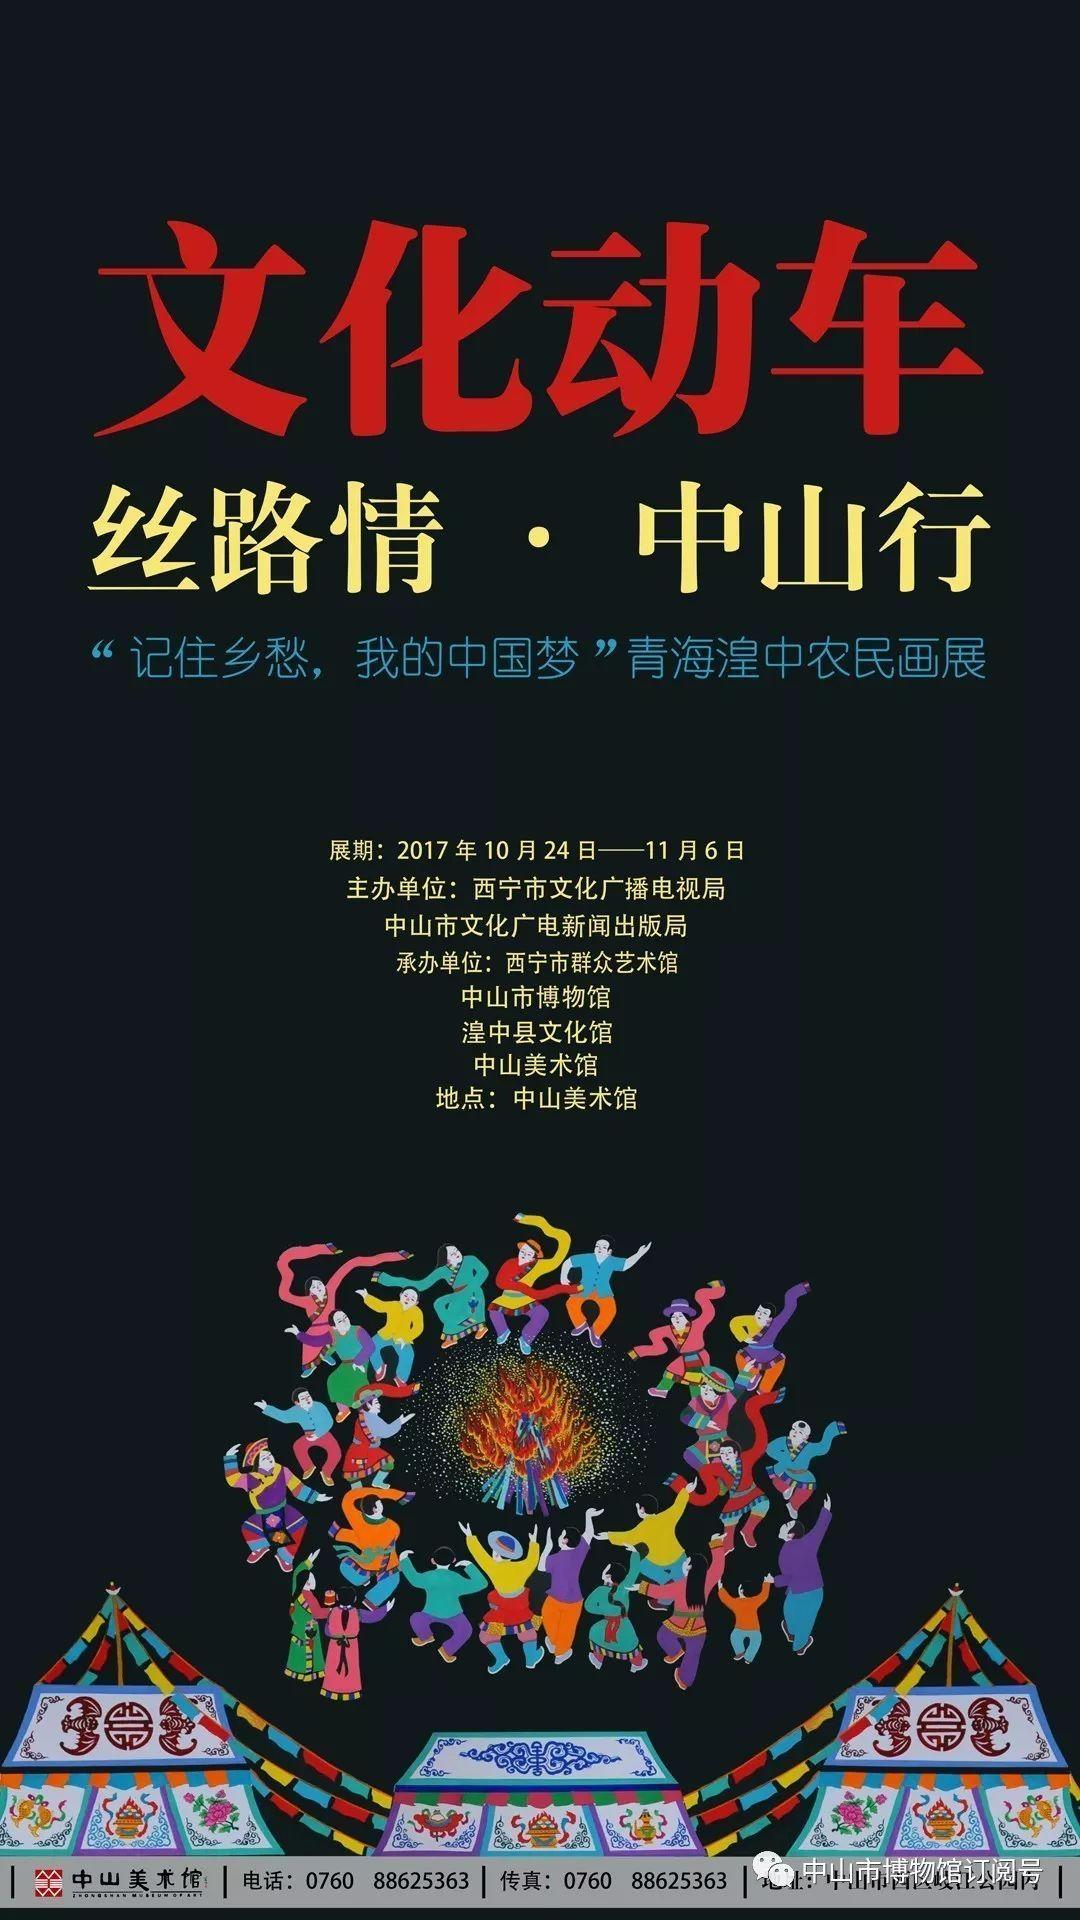 """我的中国梦""""为主题,展出青海省近年来最具代表性的农民画传承人创作"""